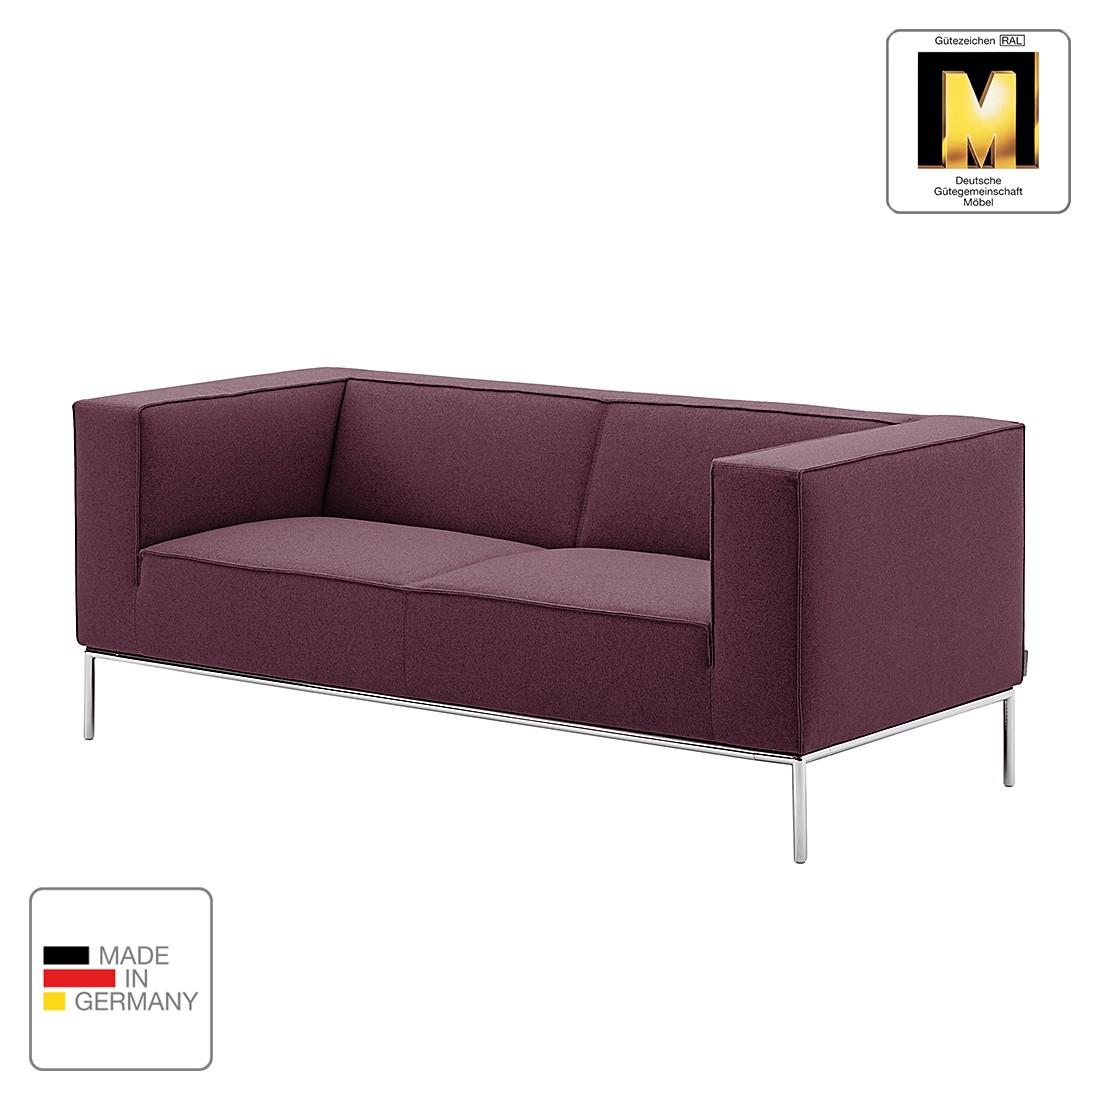 Sofa Greg (2-Sitzer) - Webstoff - Aubergine - 1 Kissen, Machalke Polsterwerkstätten